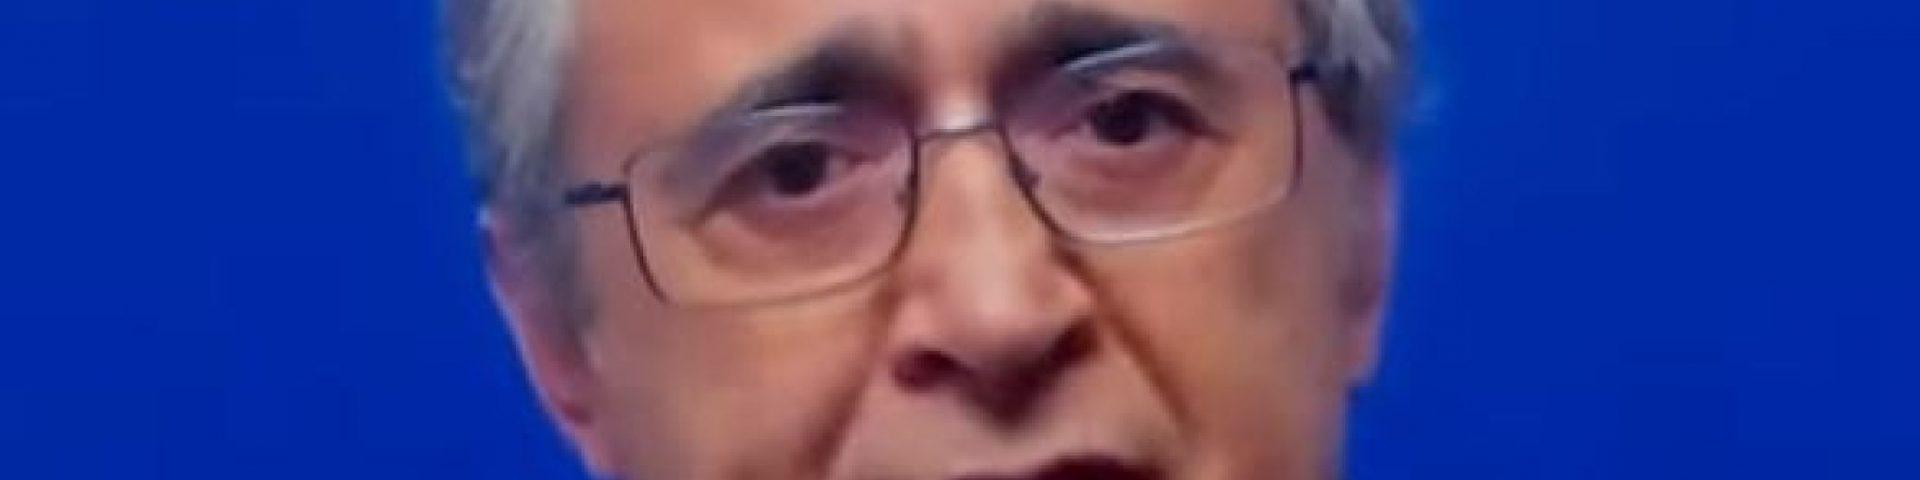 """Massimo Mazzucco: biografia di un """"complottista"""""""